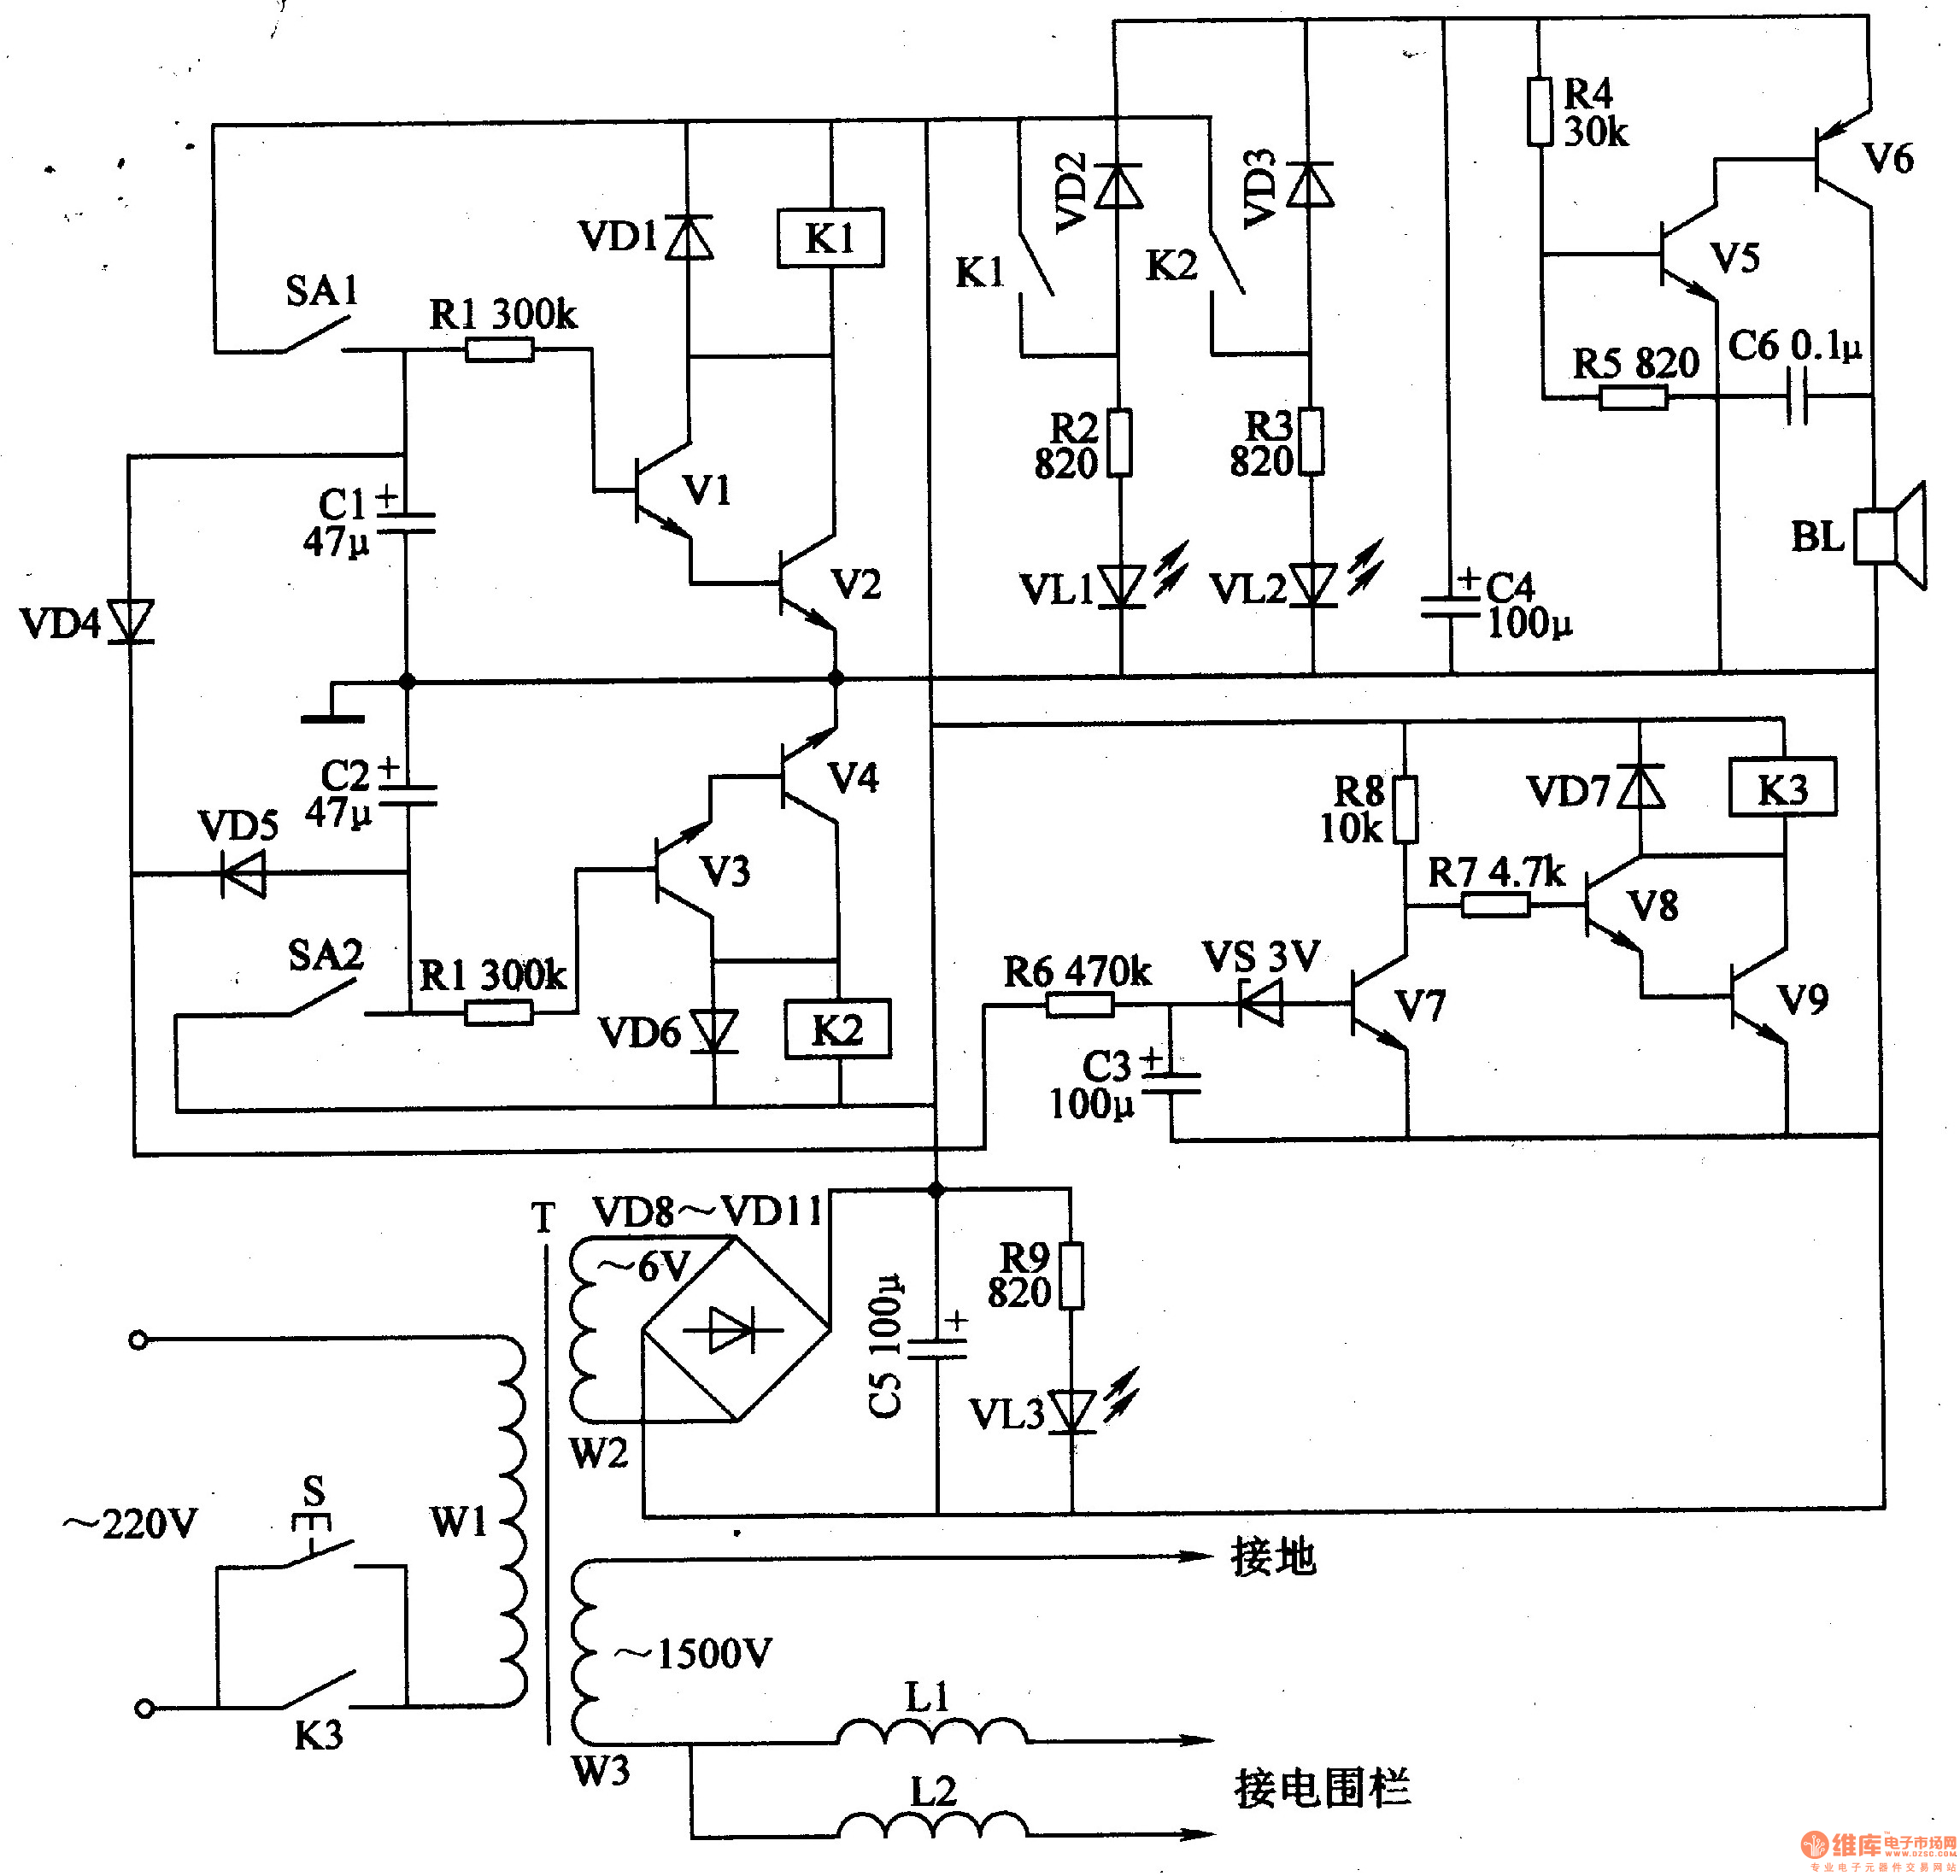 wwwseekiccom circuitdiagram controlcircuit thecupboardanddrawer rh labloom co